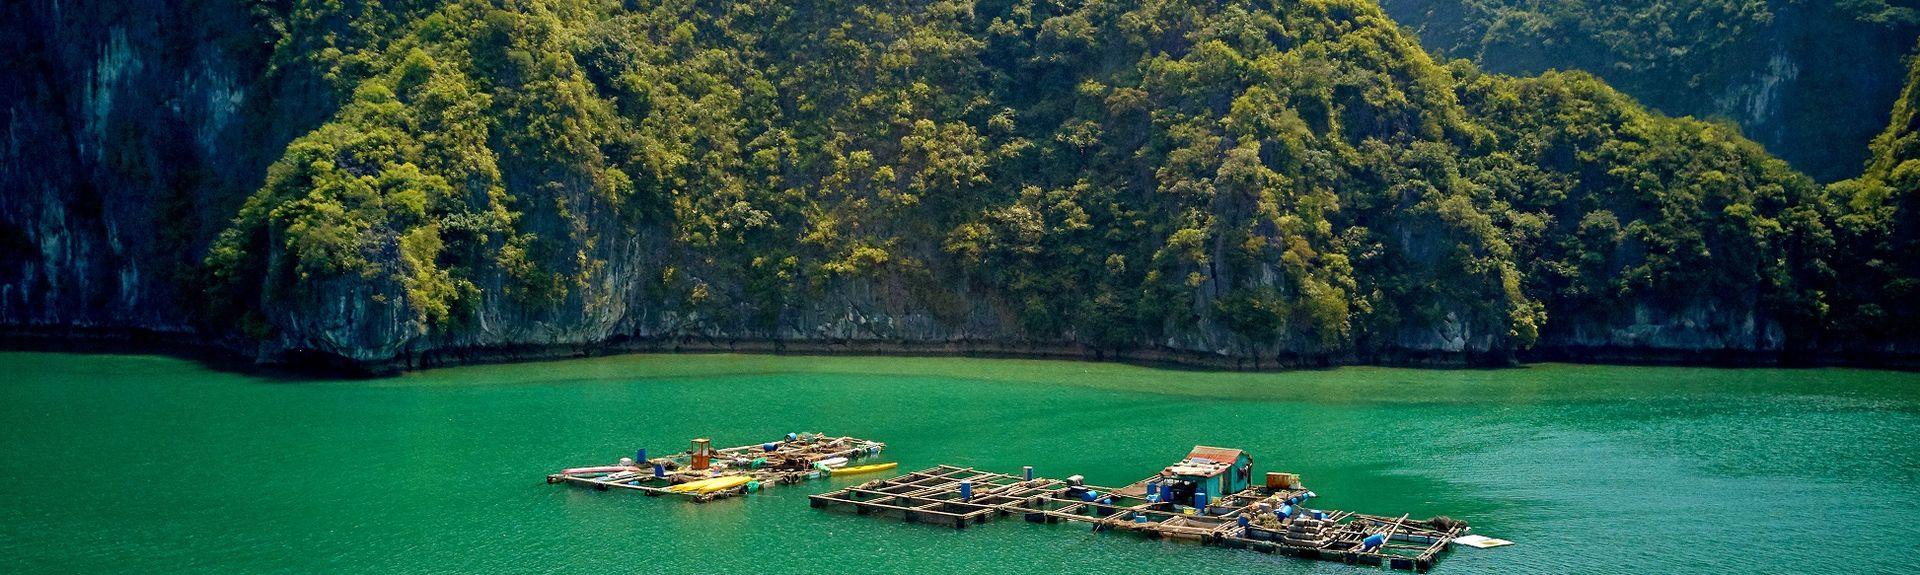 tp. Hạ Long, Quảng Ninh, Vietnam